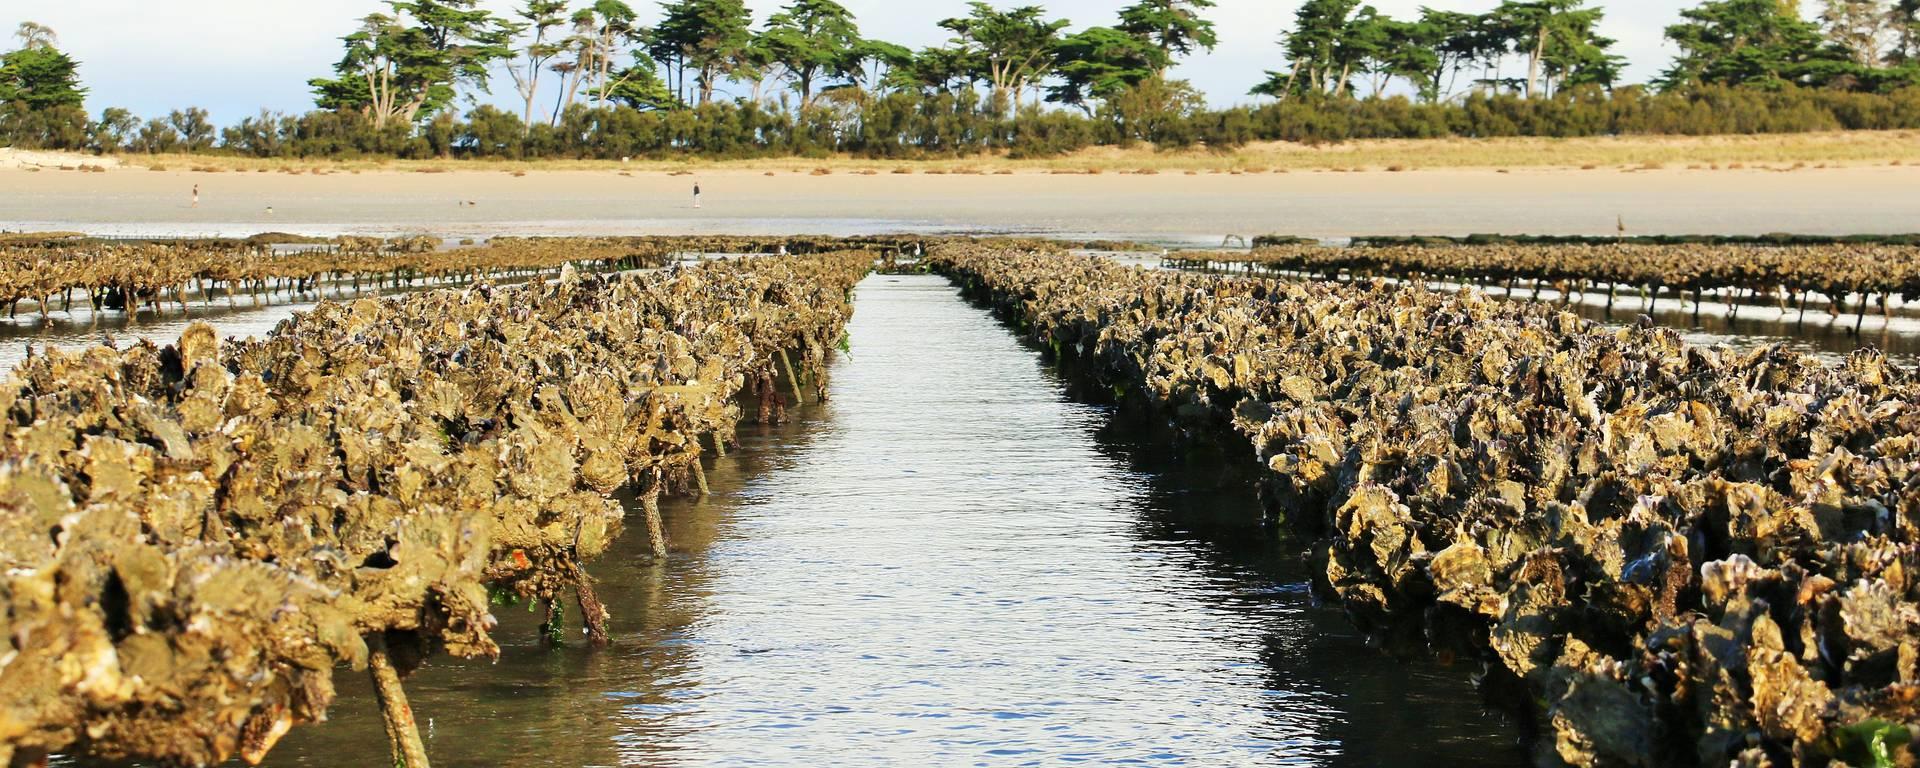 La production des huîtres, étape 1 du cycle de reproduction, @Lesley Williamson